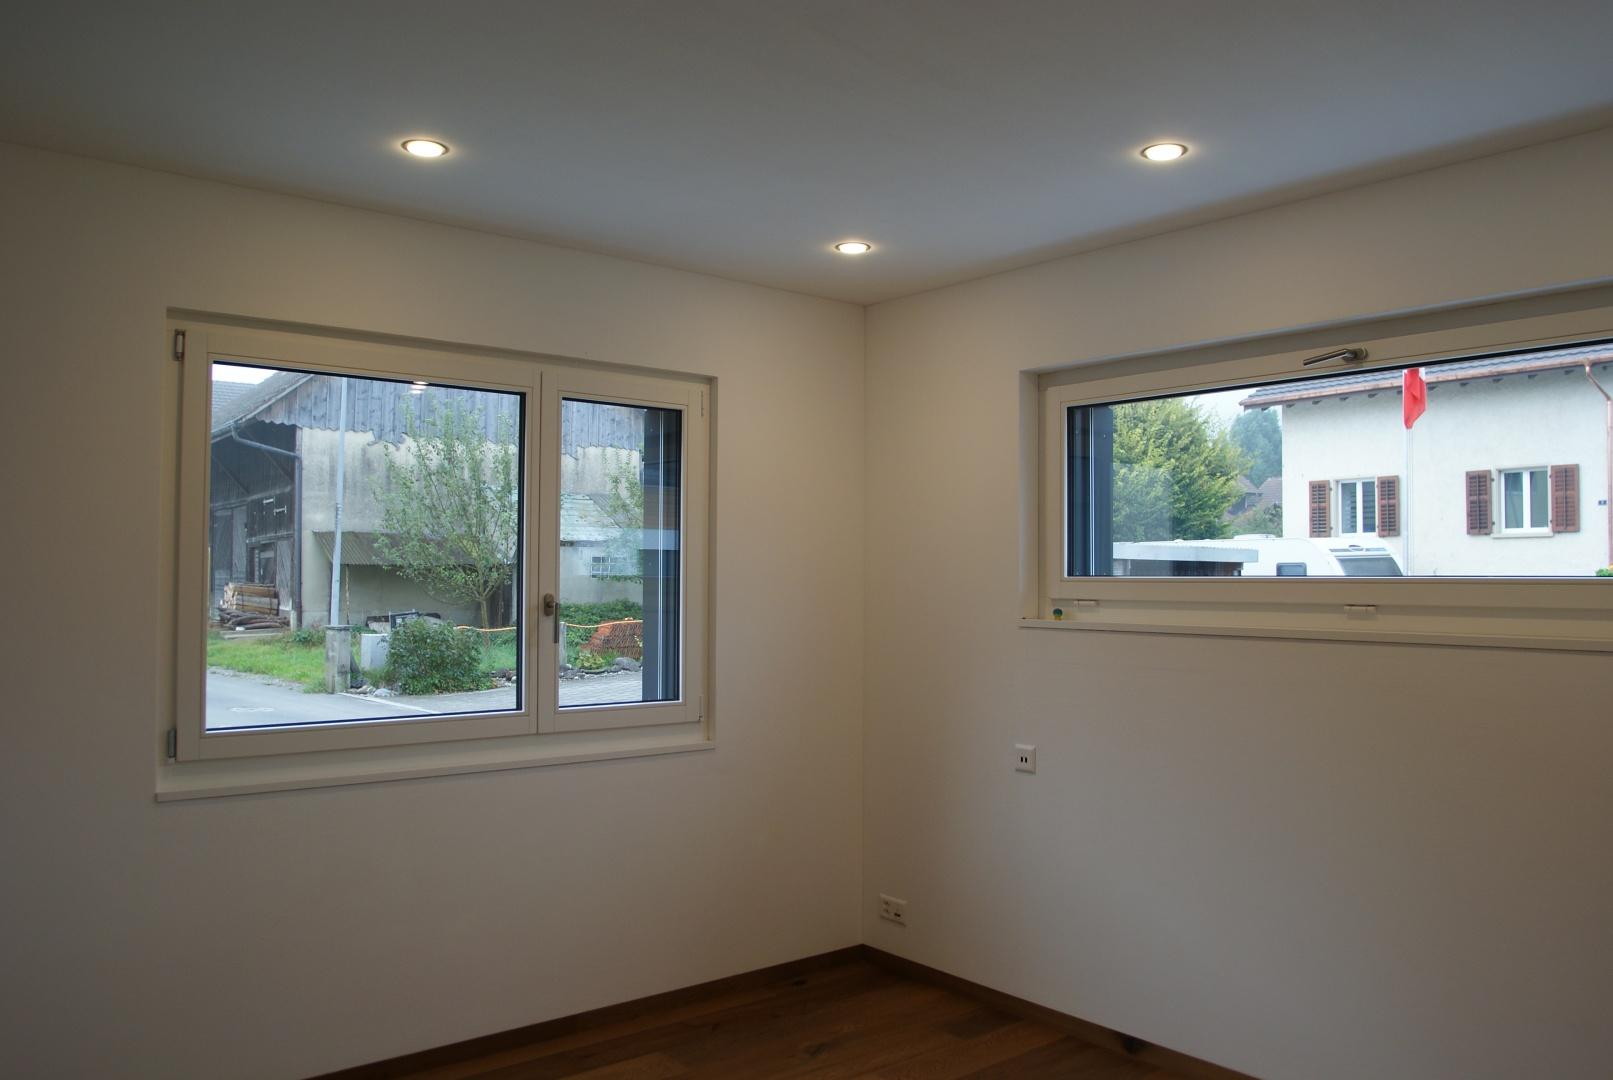 Büro mit hochliegenden Fenstern gegen Strasse © Roth Architektur, Tal 34, 5705 Hallwil